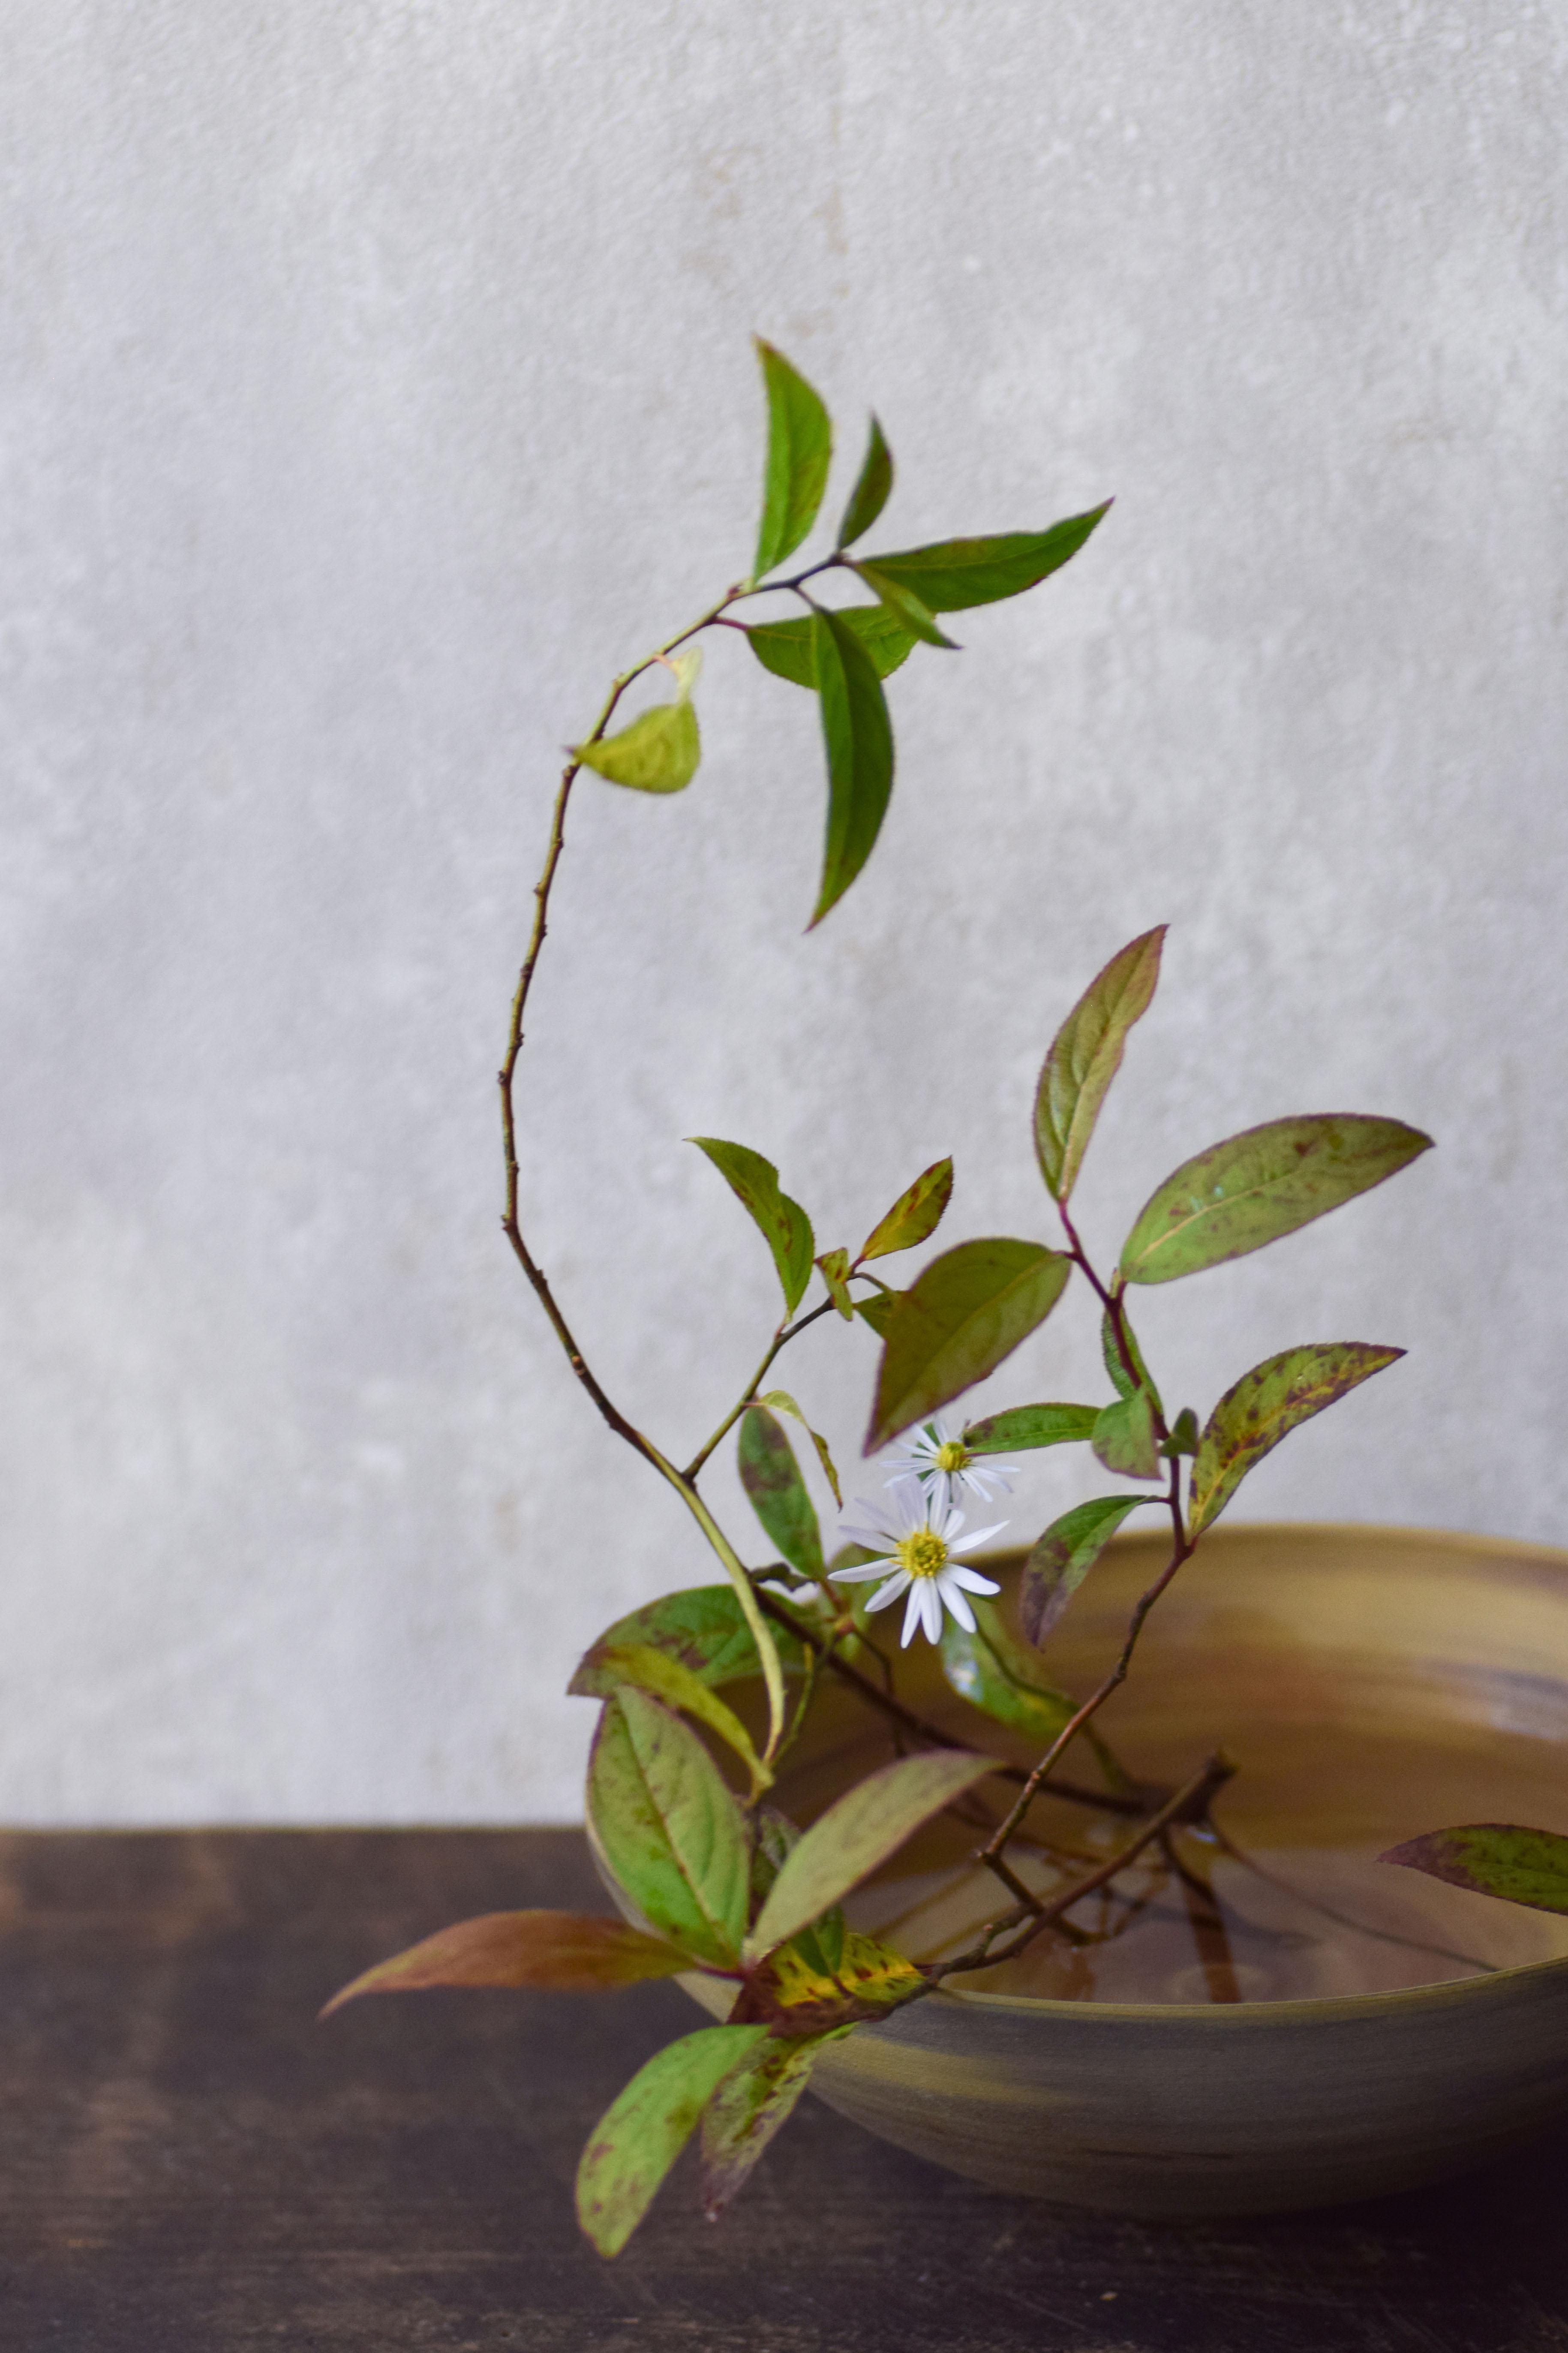 烏山結貴、ca-koのウェブサイトです。四季折々の道草。心にとまった身近な草花を、小さな発見を楽しみながら出会った器に合わせています。抛入花の写真です。リョウブと菊を入れました。